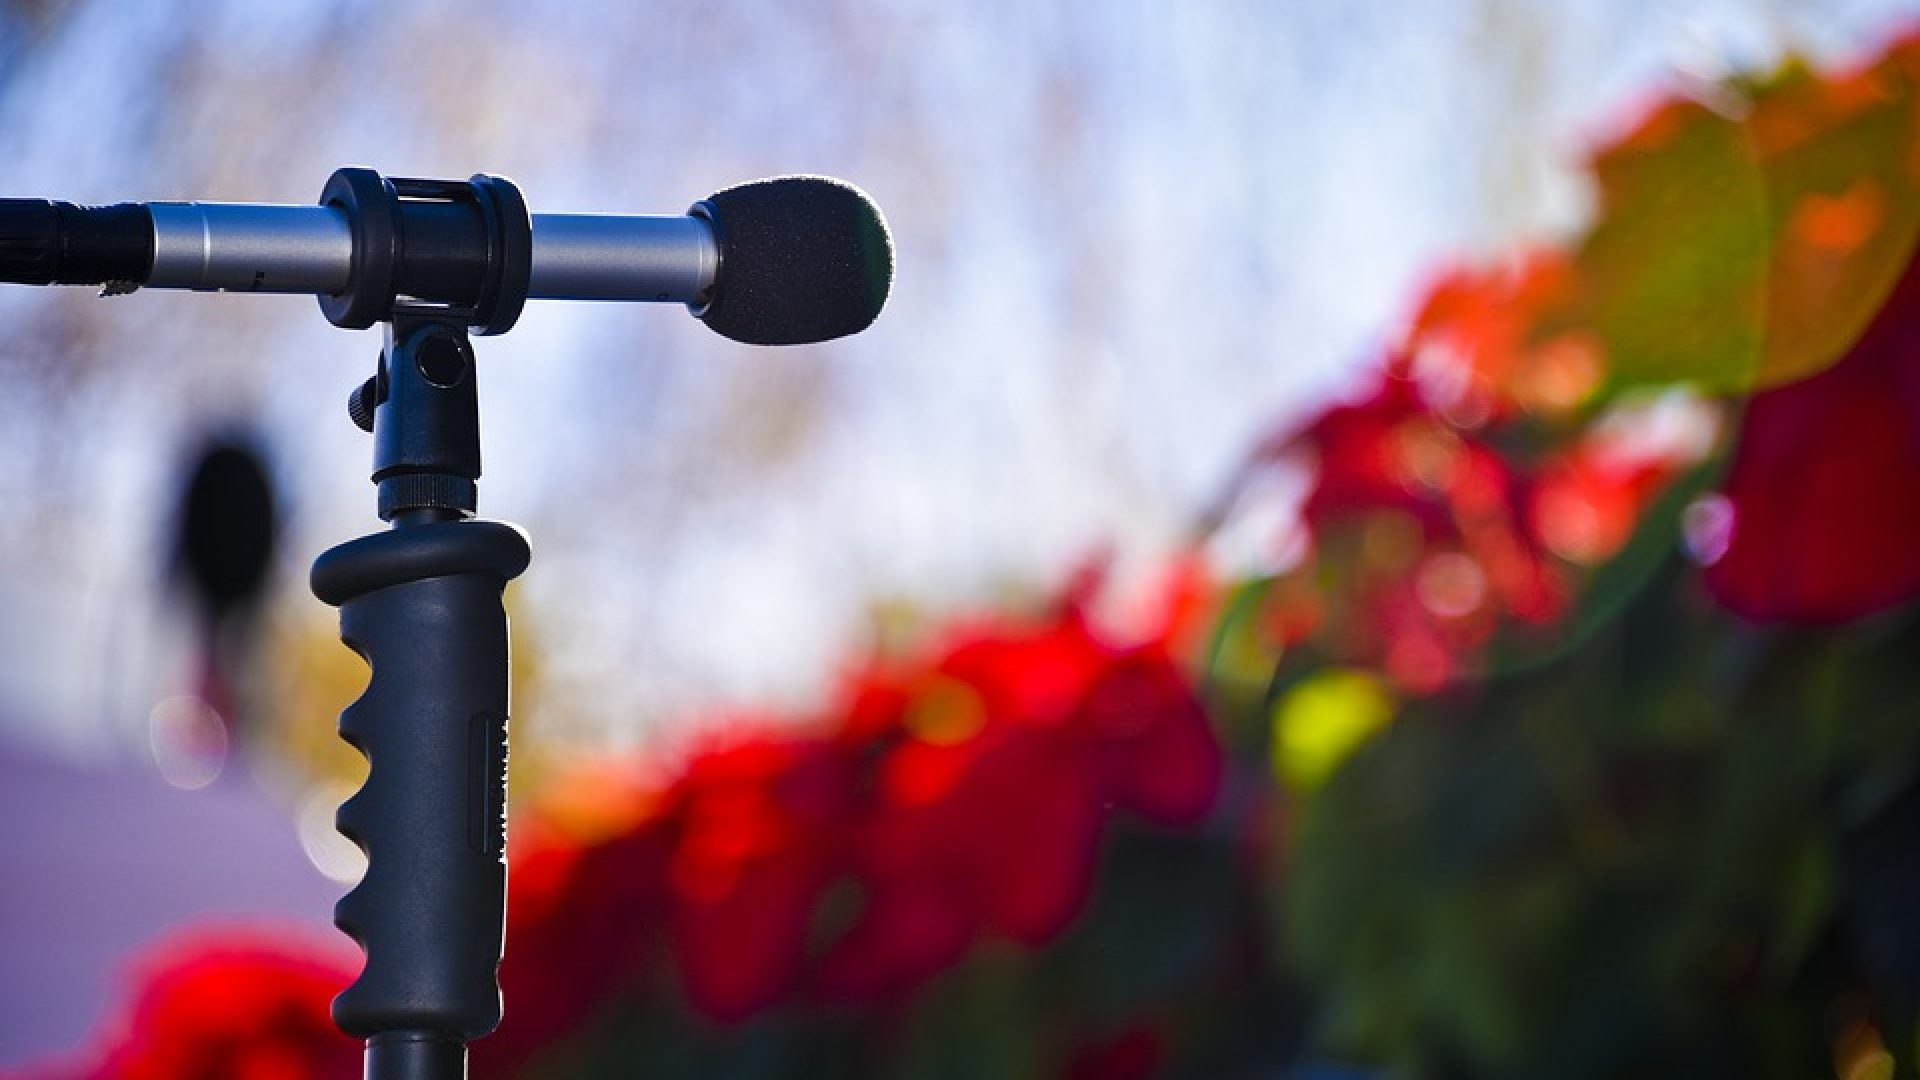 mikrofon og julepynt